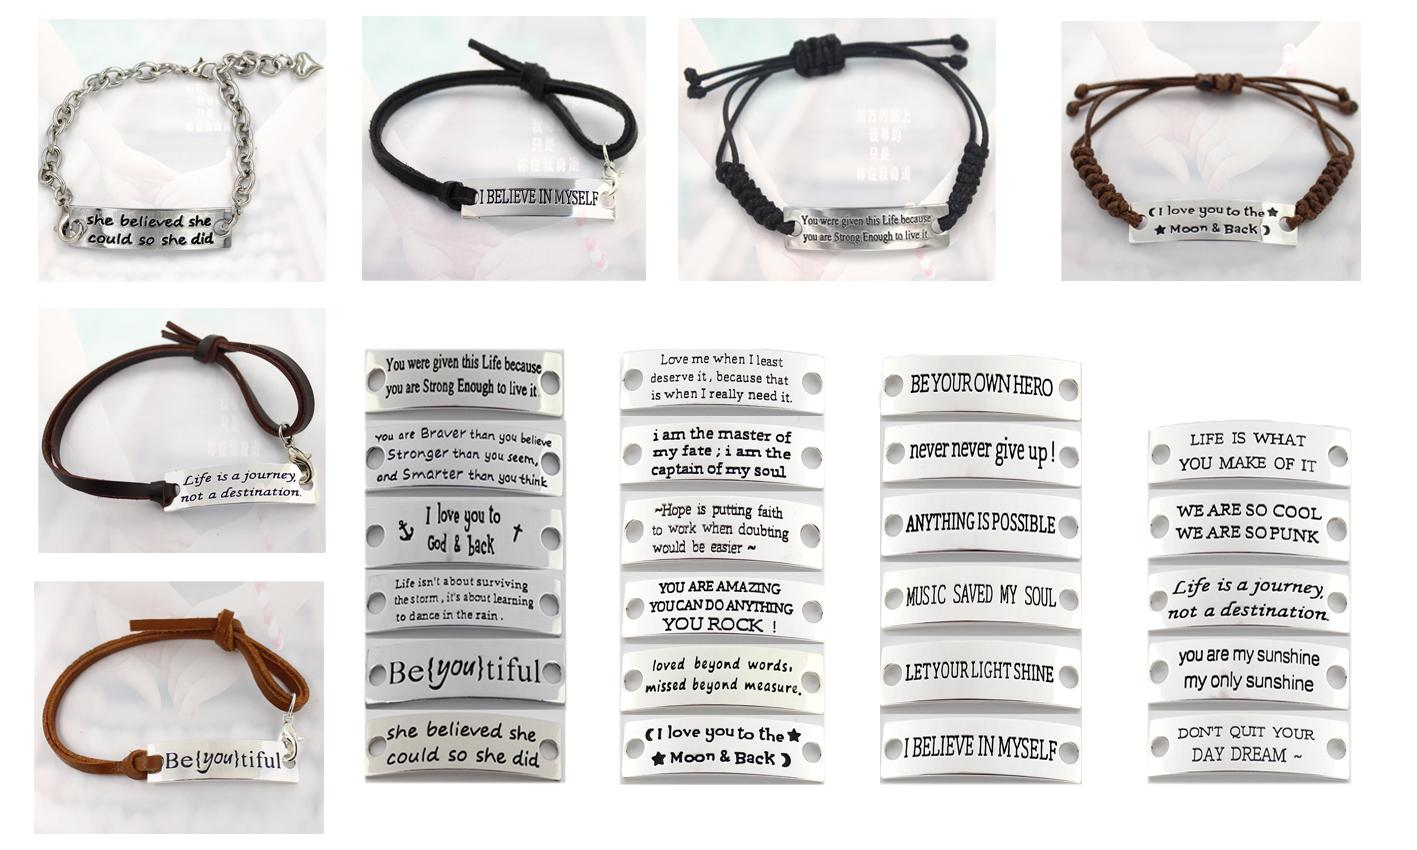 Pulsera inspiradora estampada Eosmer: Usted es increíble, puede hacer cualquier cita pulsera inspiradora inspiradora pulsera de regalo / envío gratis